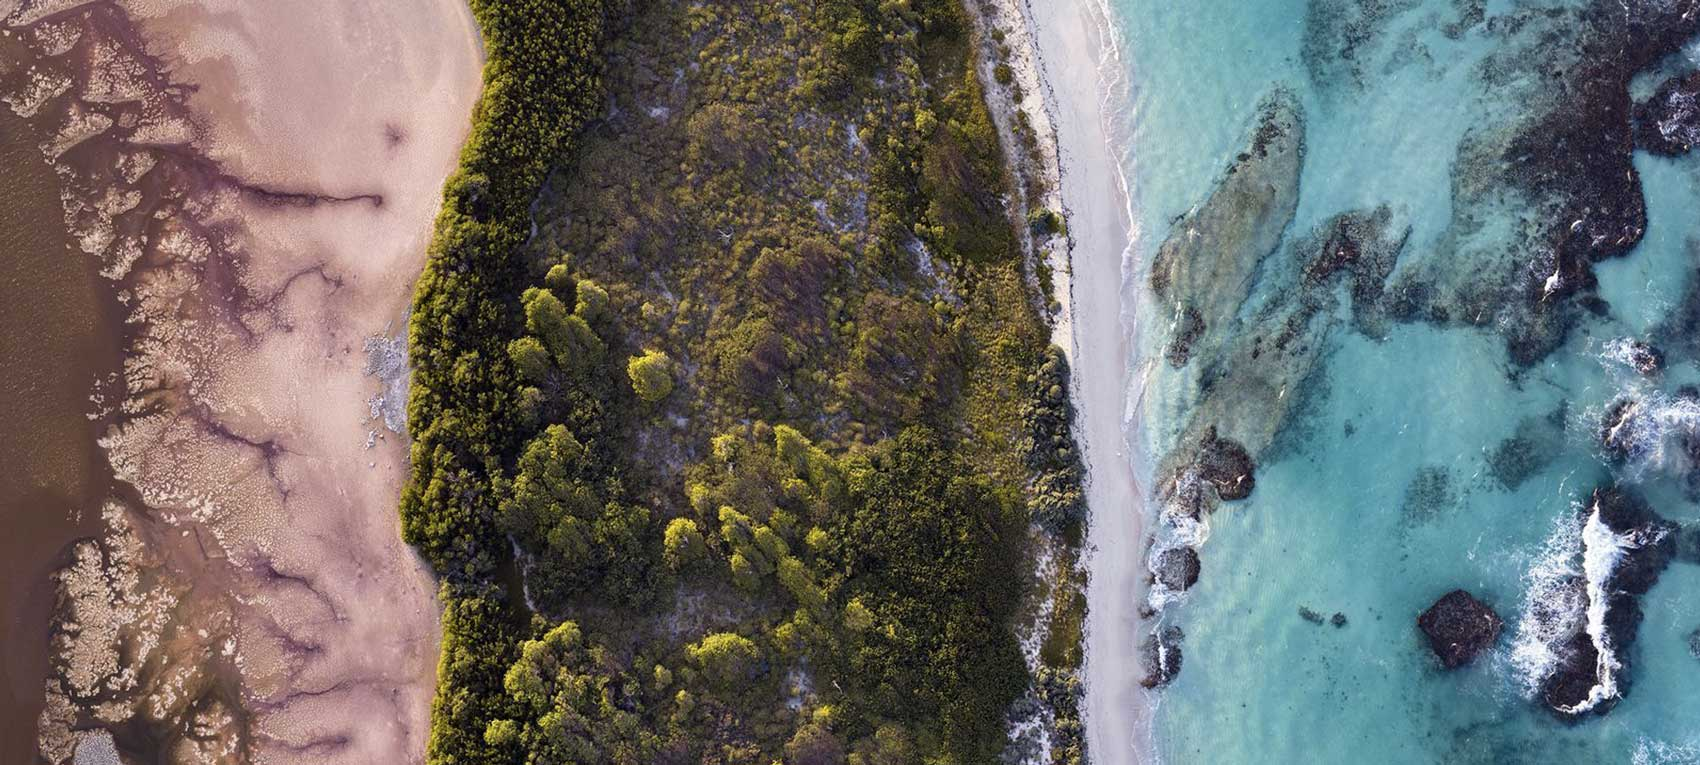 La «photo du jour» de National Geographic vient de Guadeloupe